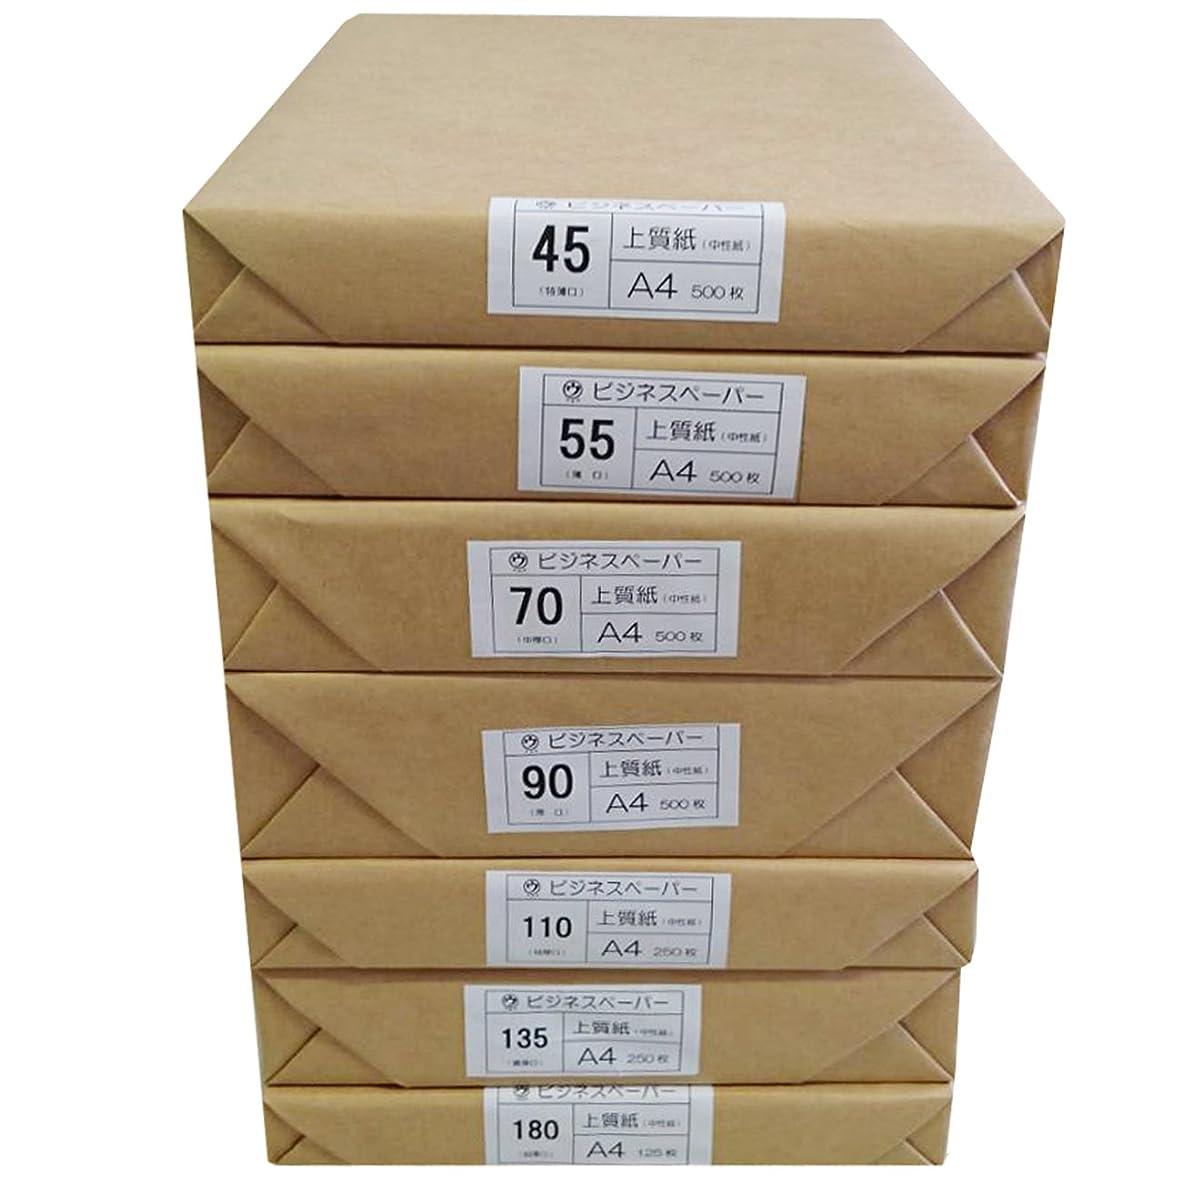 詐欺師検体削除する【A4】マルウ ビジネスペーパー コピー用紙 上質紙 (180kg(125枚)【210×297mm】